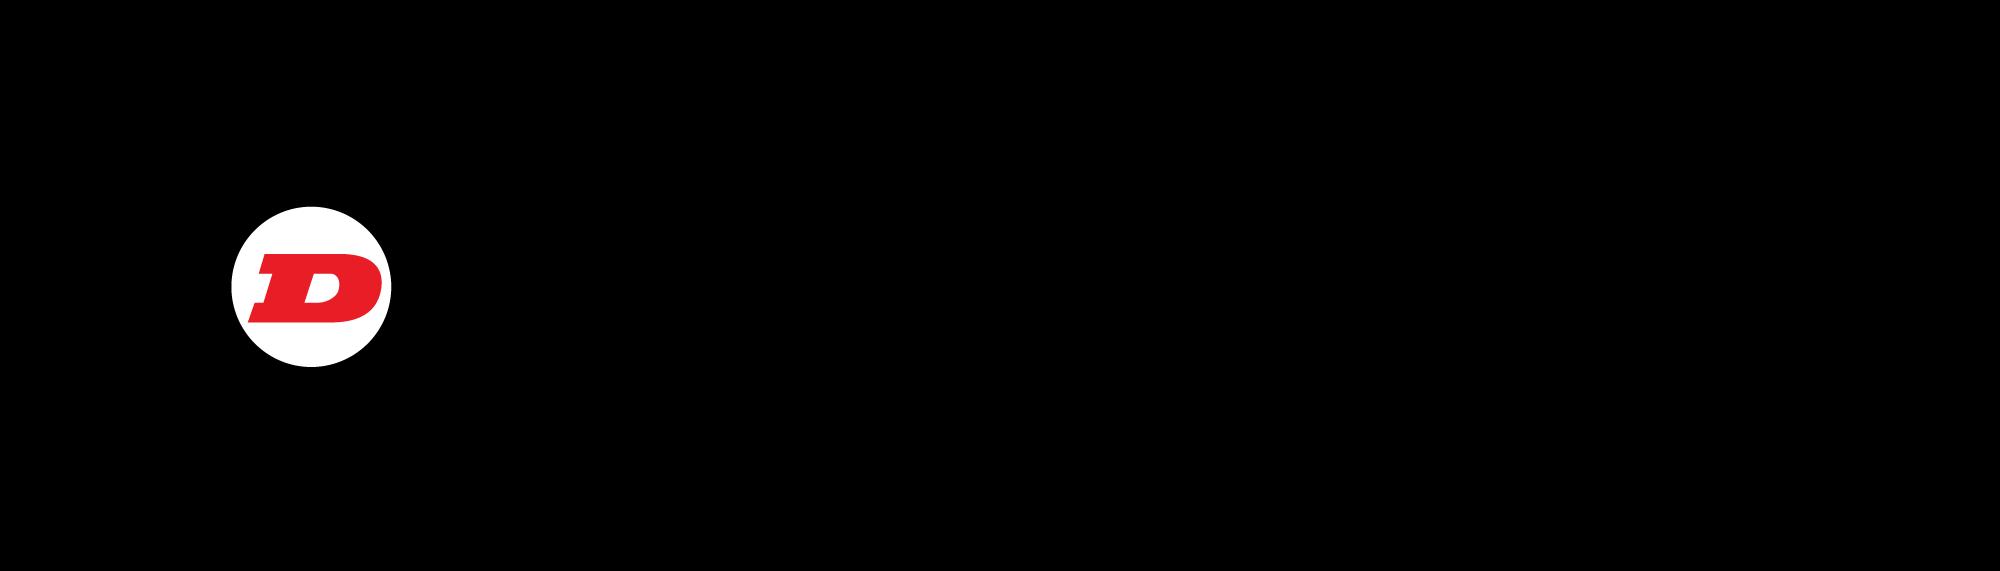 dunlop_logo